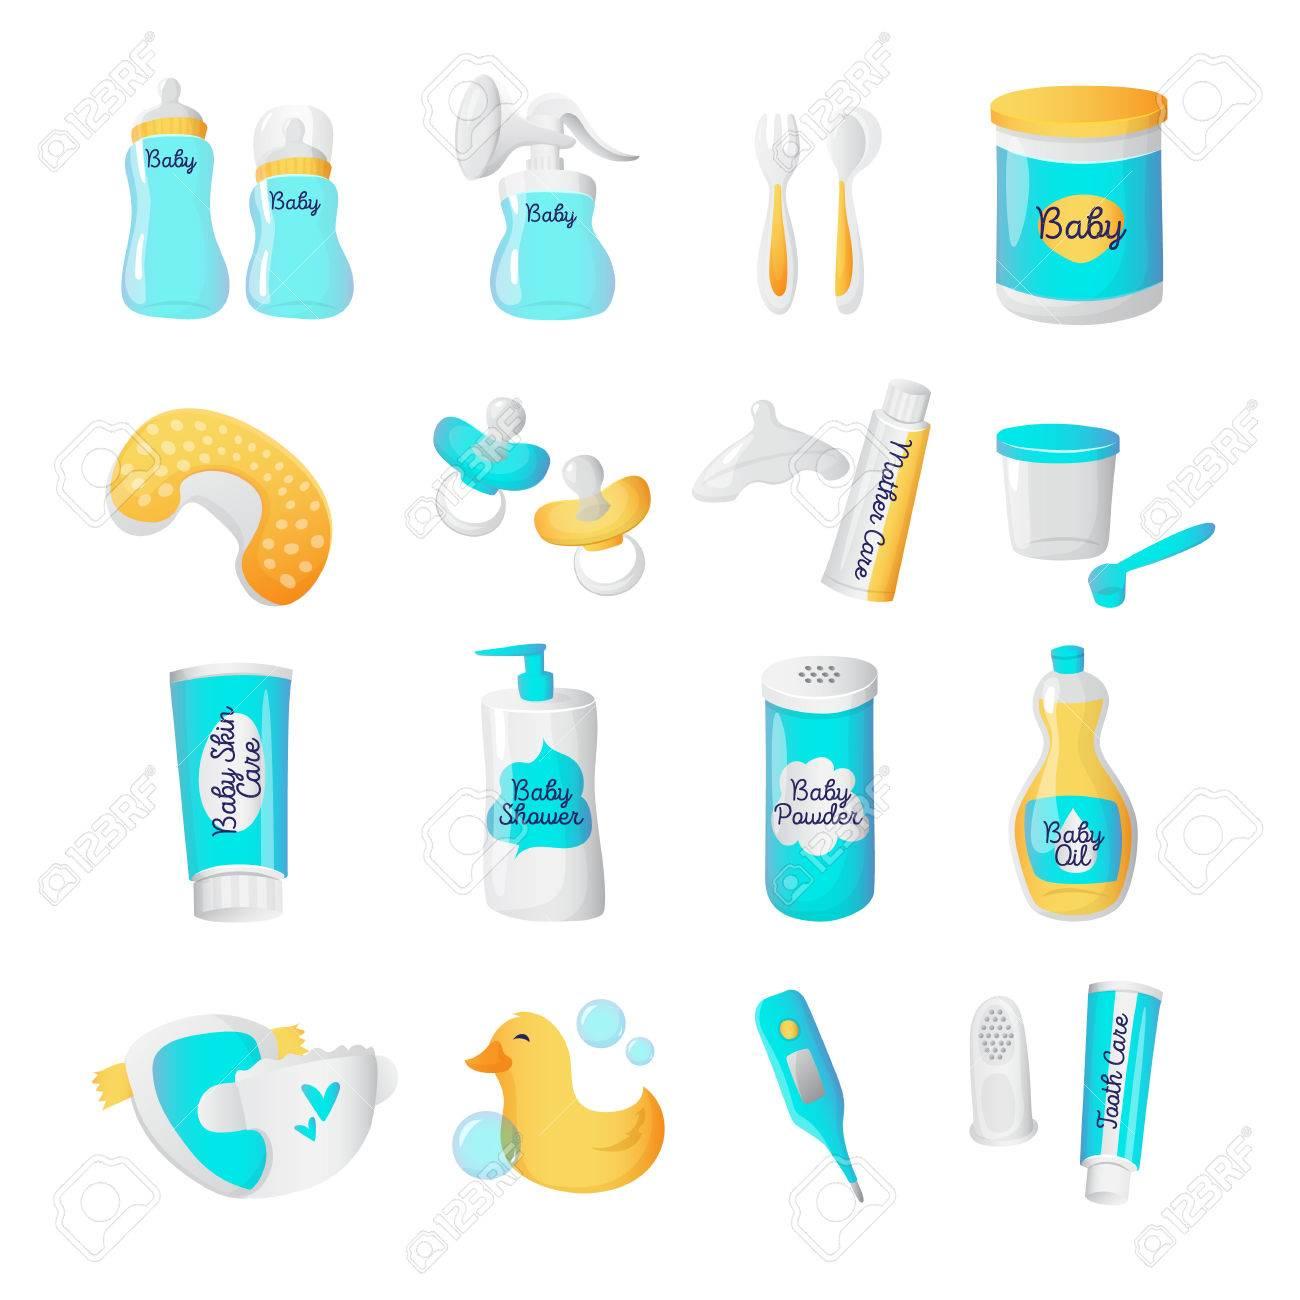 589fa692a Accesorios para bebés colección de iconos. programar un estilo de dibujos  animados objetos recién nacidos